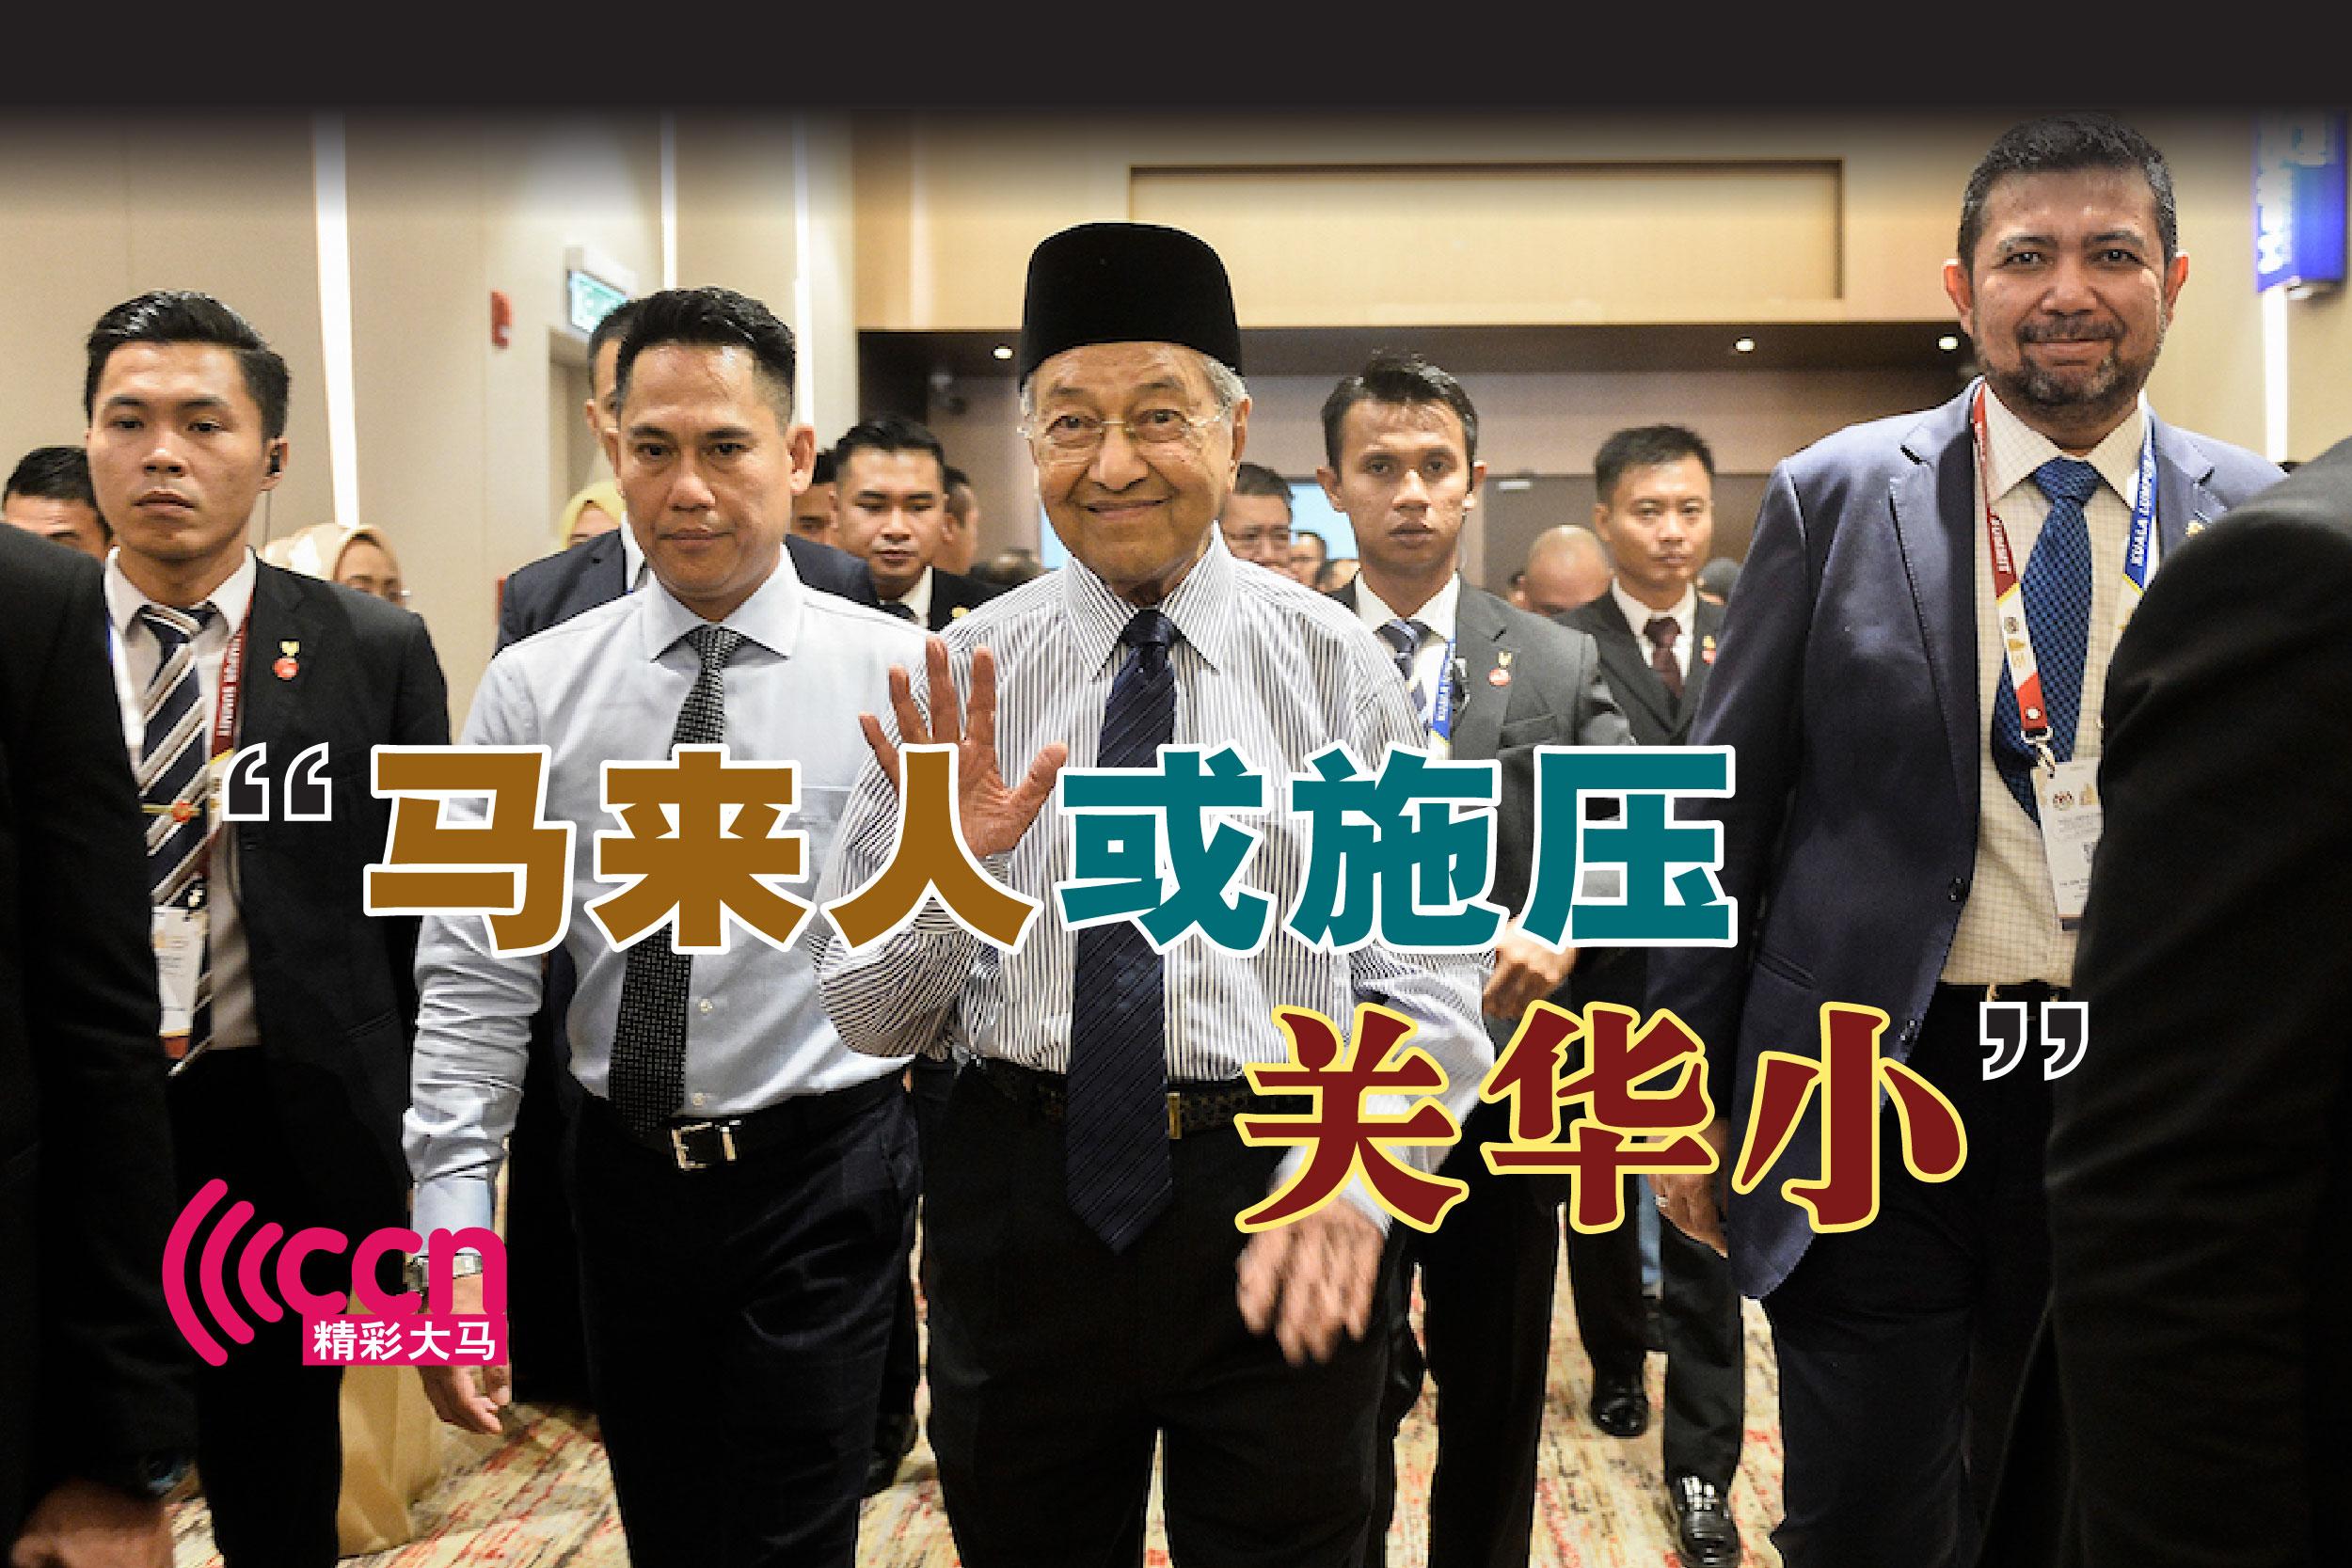 马哈迪说,马来社会或透过办大会,促请政府关闭华小。-Miera Zulyana摄-